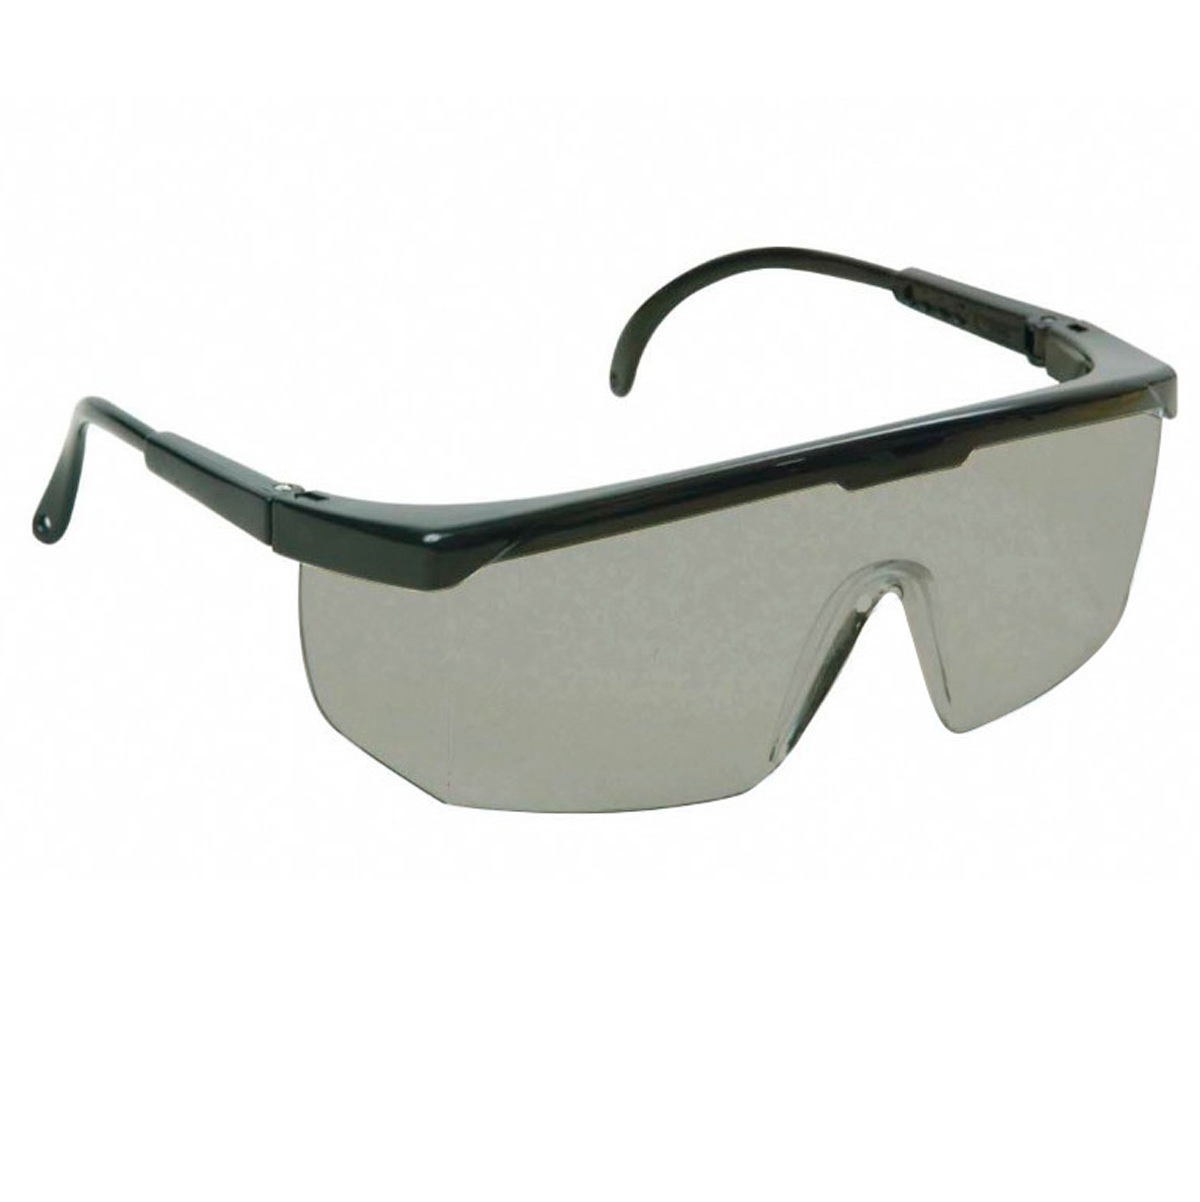 14d45c1541bf1 Óculos de Proteção Com Ofertas Imperdíveis na Casa do Soldador